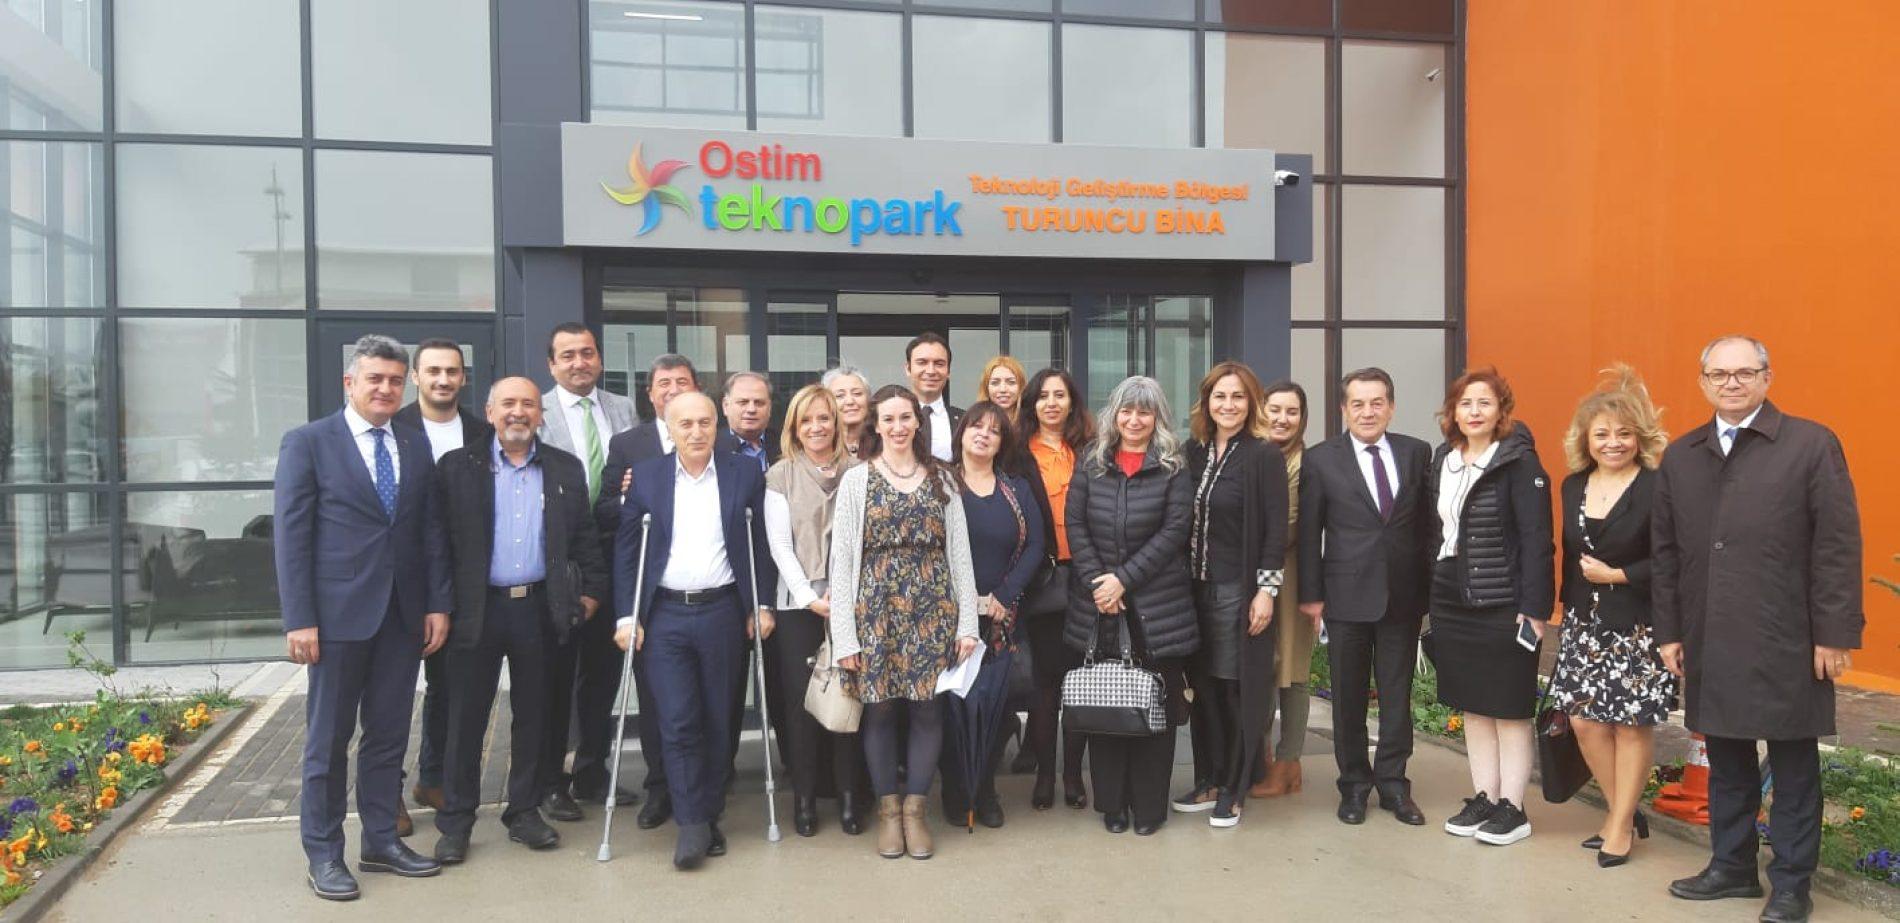 Türkiye Bilişim Derneği Ostim Teknopark Tanıtım Toplantısına Katıldı